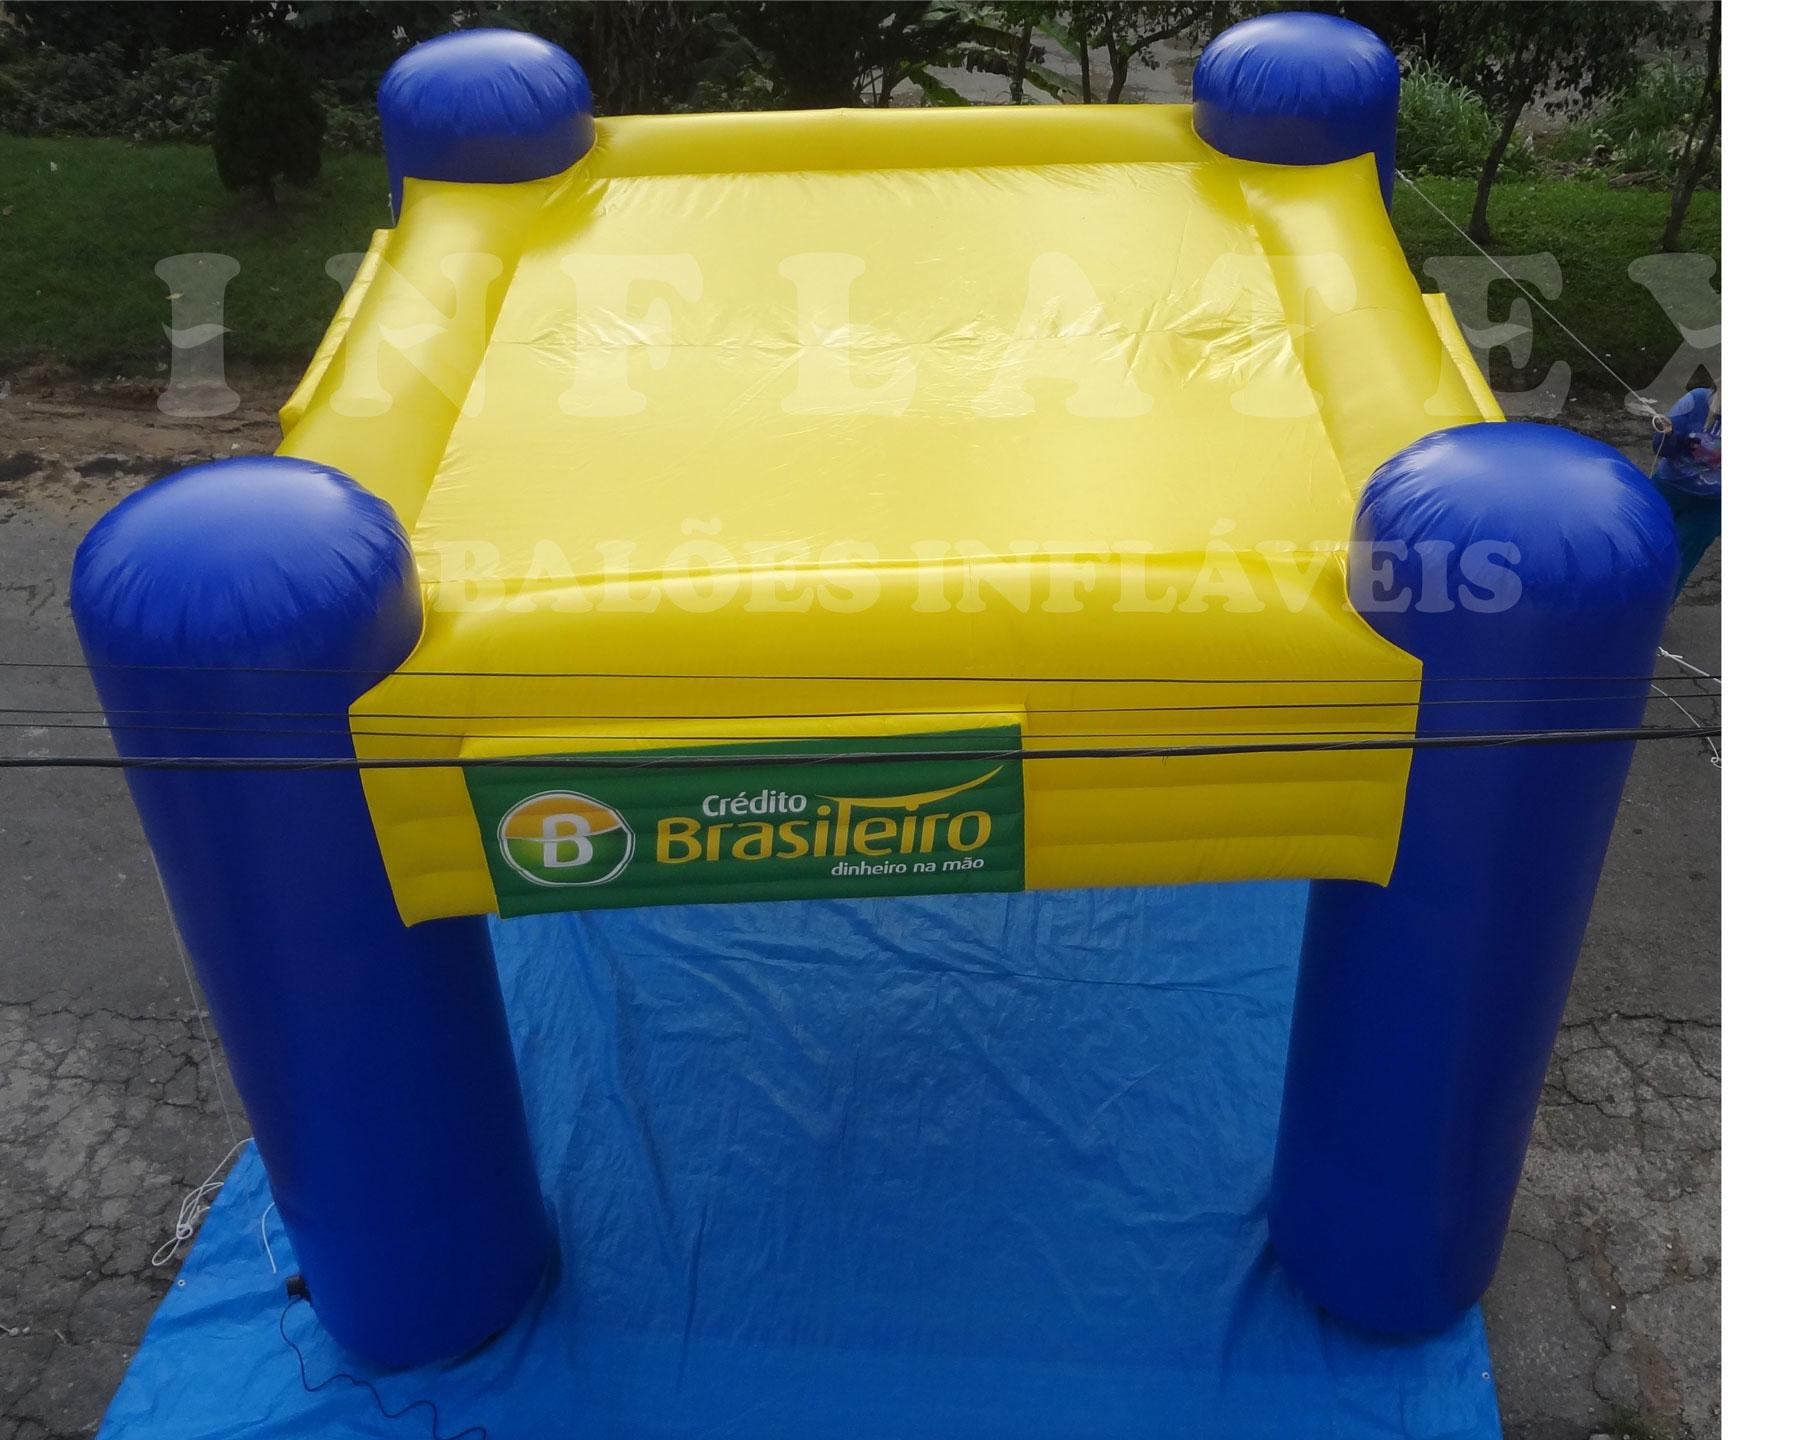 Tenda Credito Brasileiro